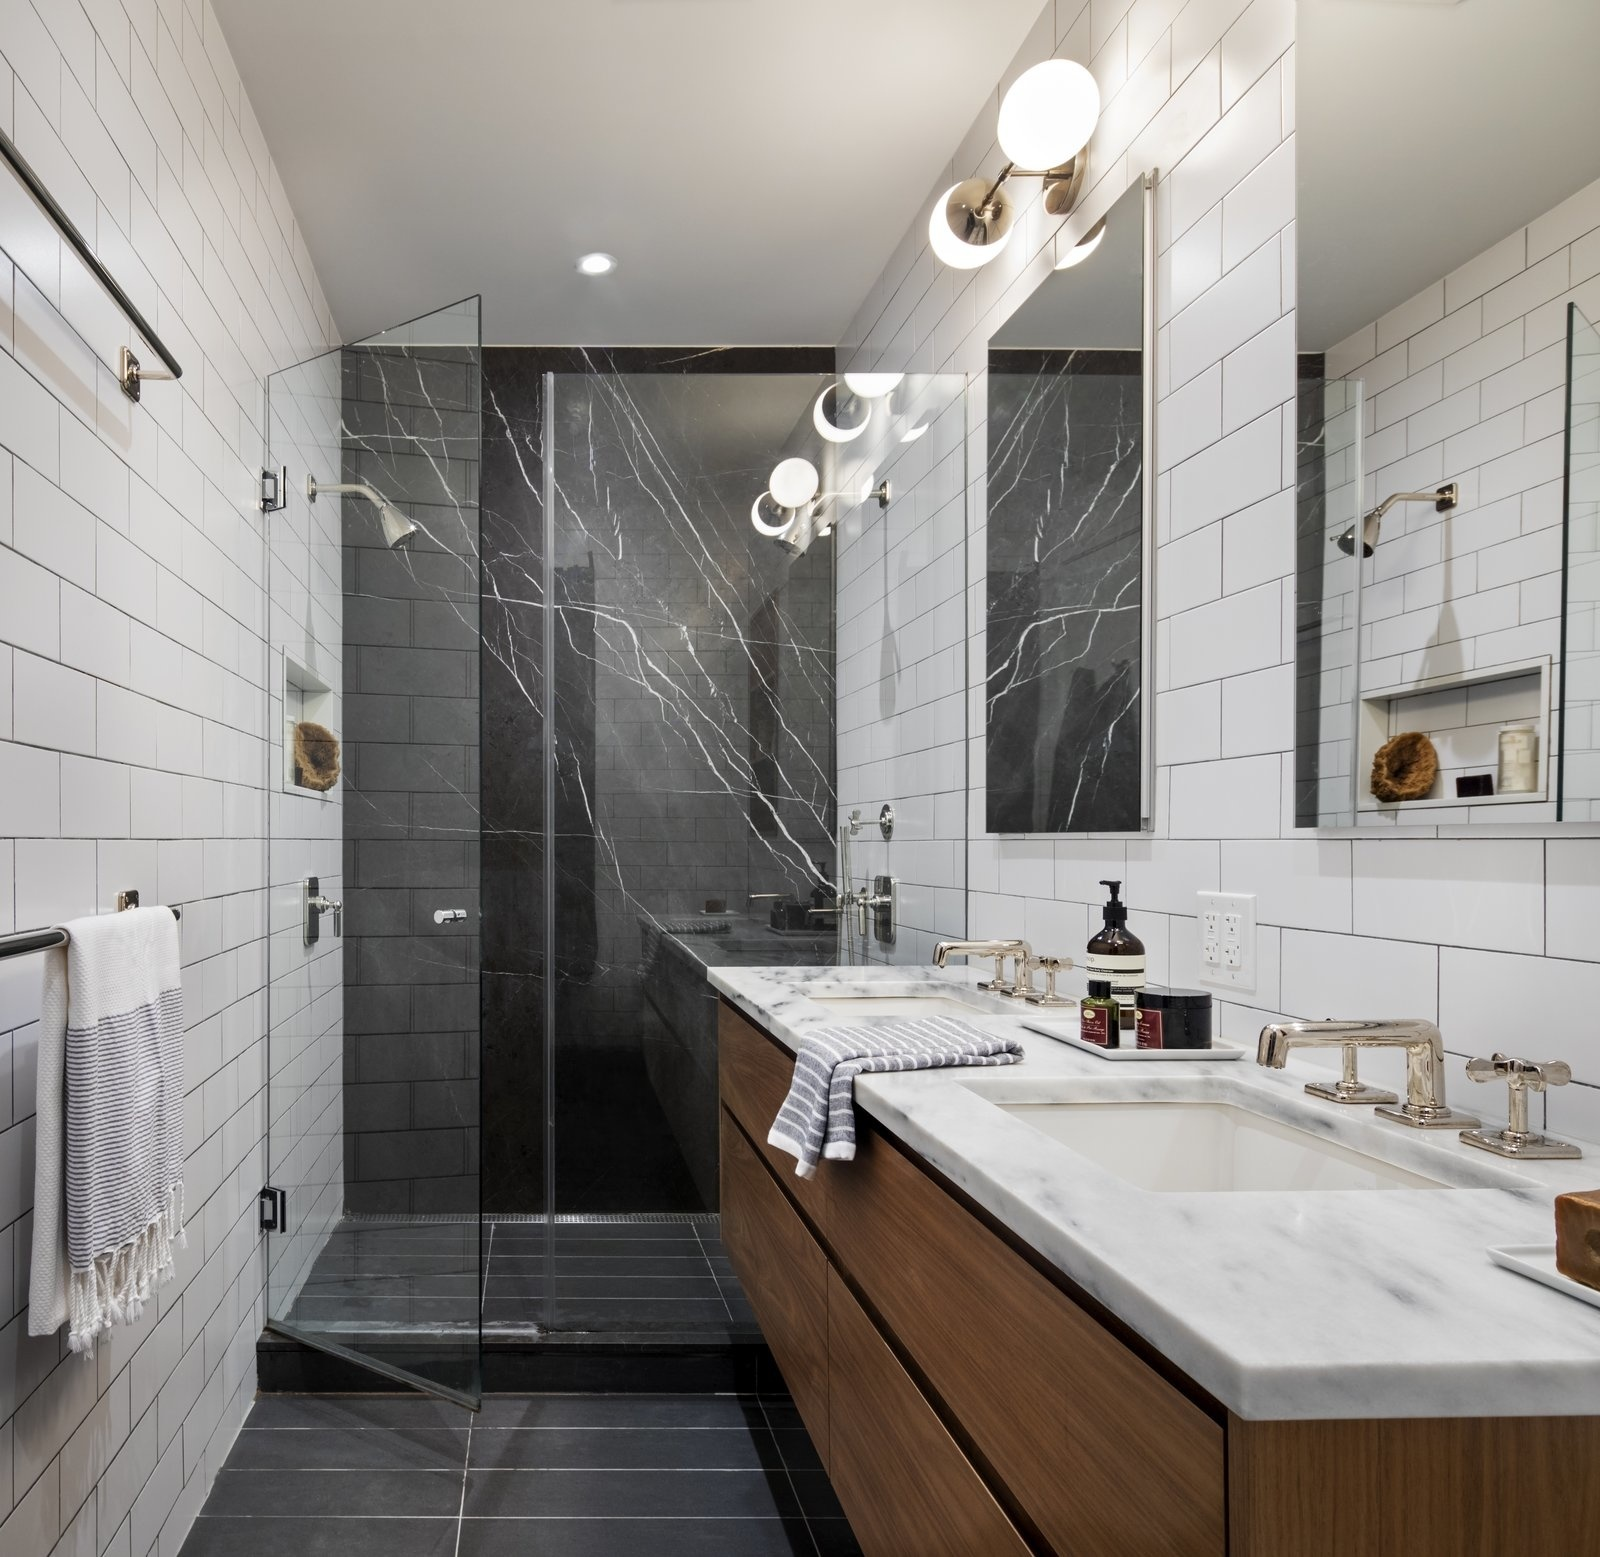 Одна ванная, две раковины: 20 примеров (галерея 1, фото 1)